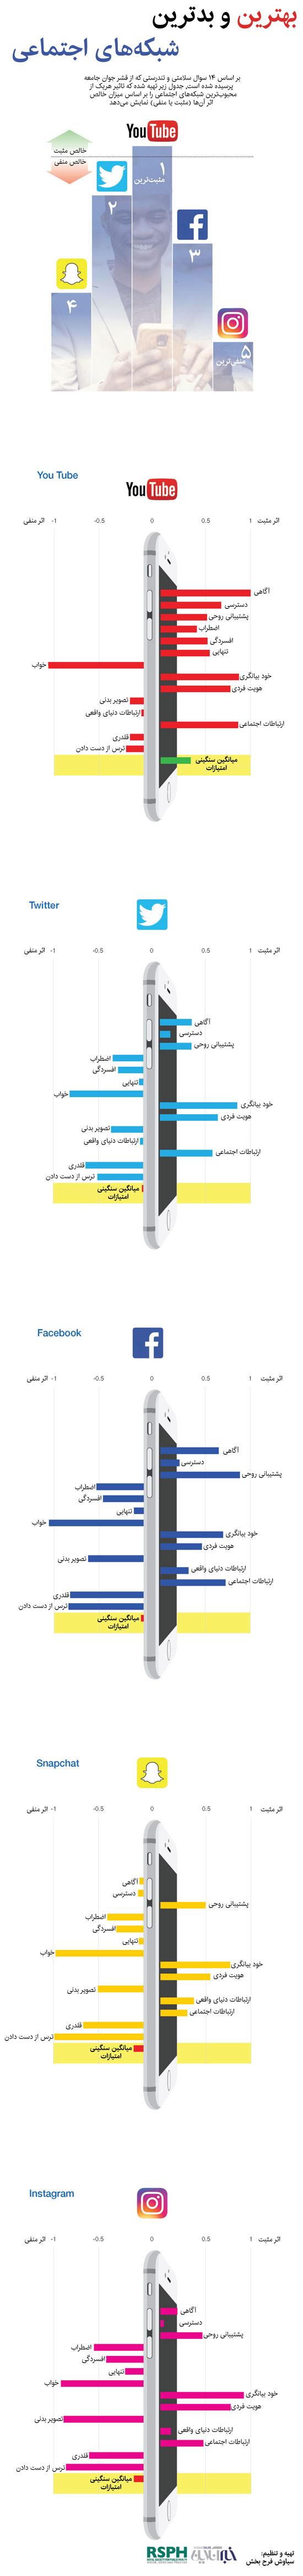 اینفوگرافیک؛ بهترین و بدترین شبکههای اجتماعی